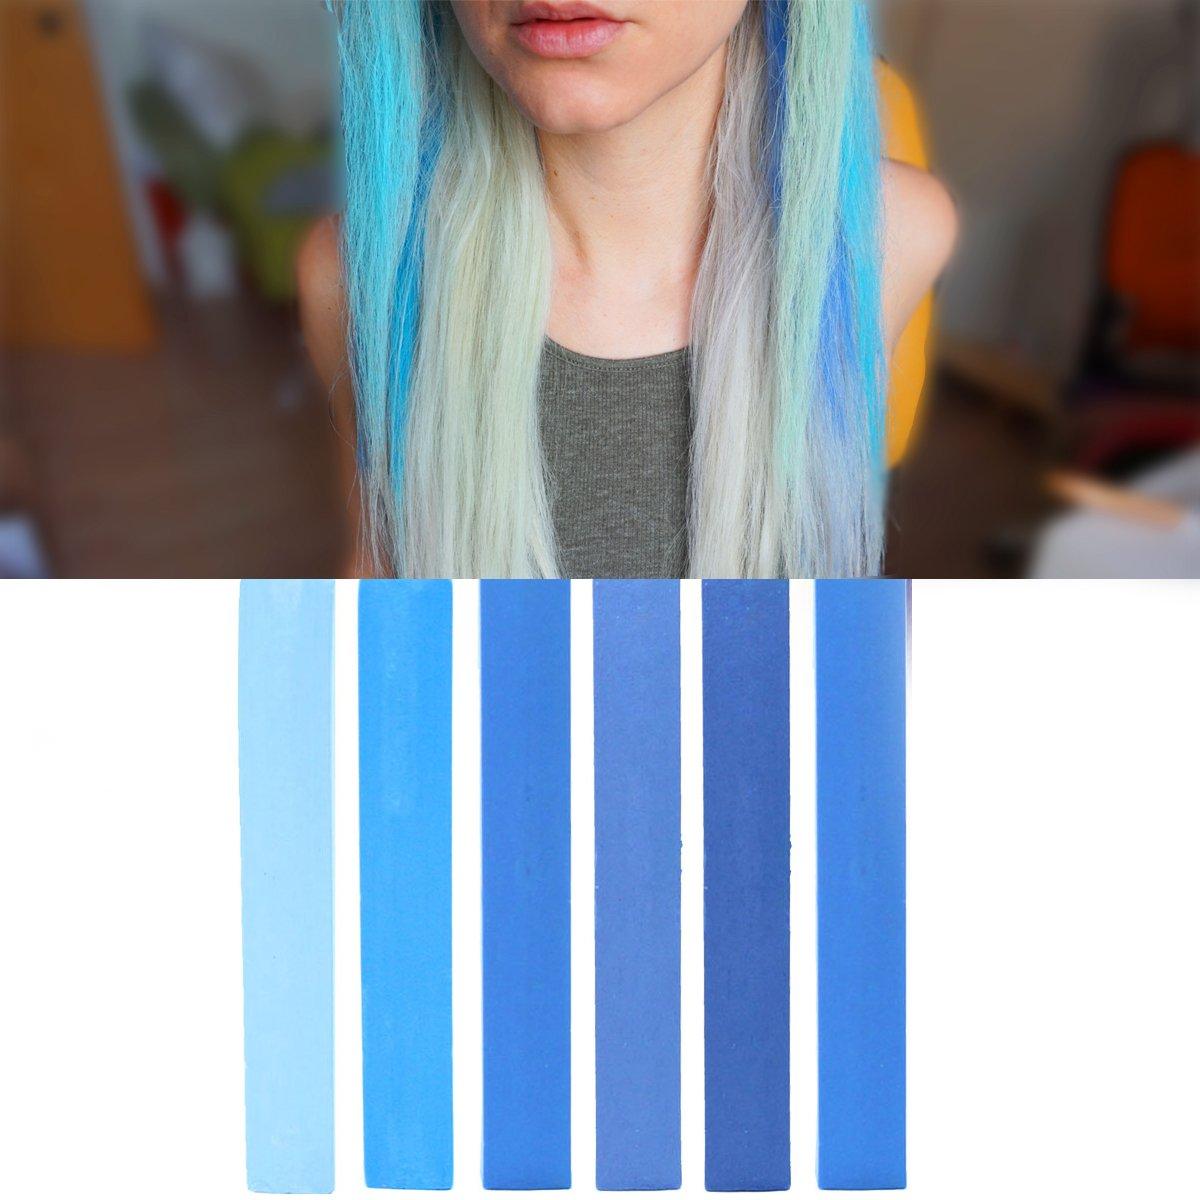 Cheap Bright Blue Hair Dye Find Bright Blue Hair Dye Deals On Line